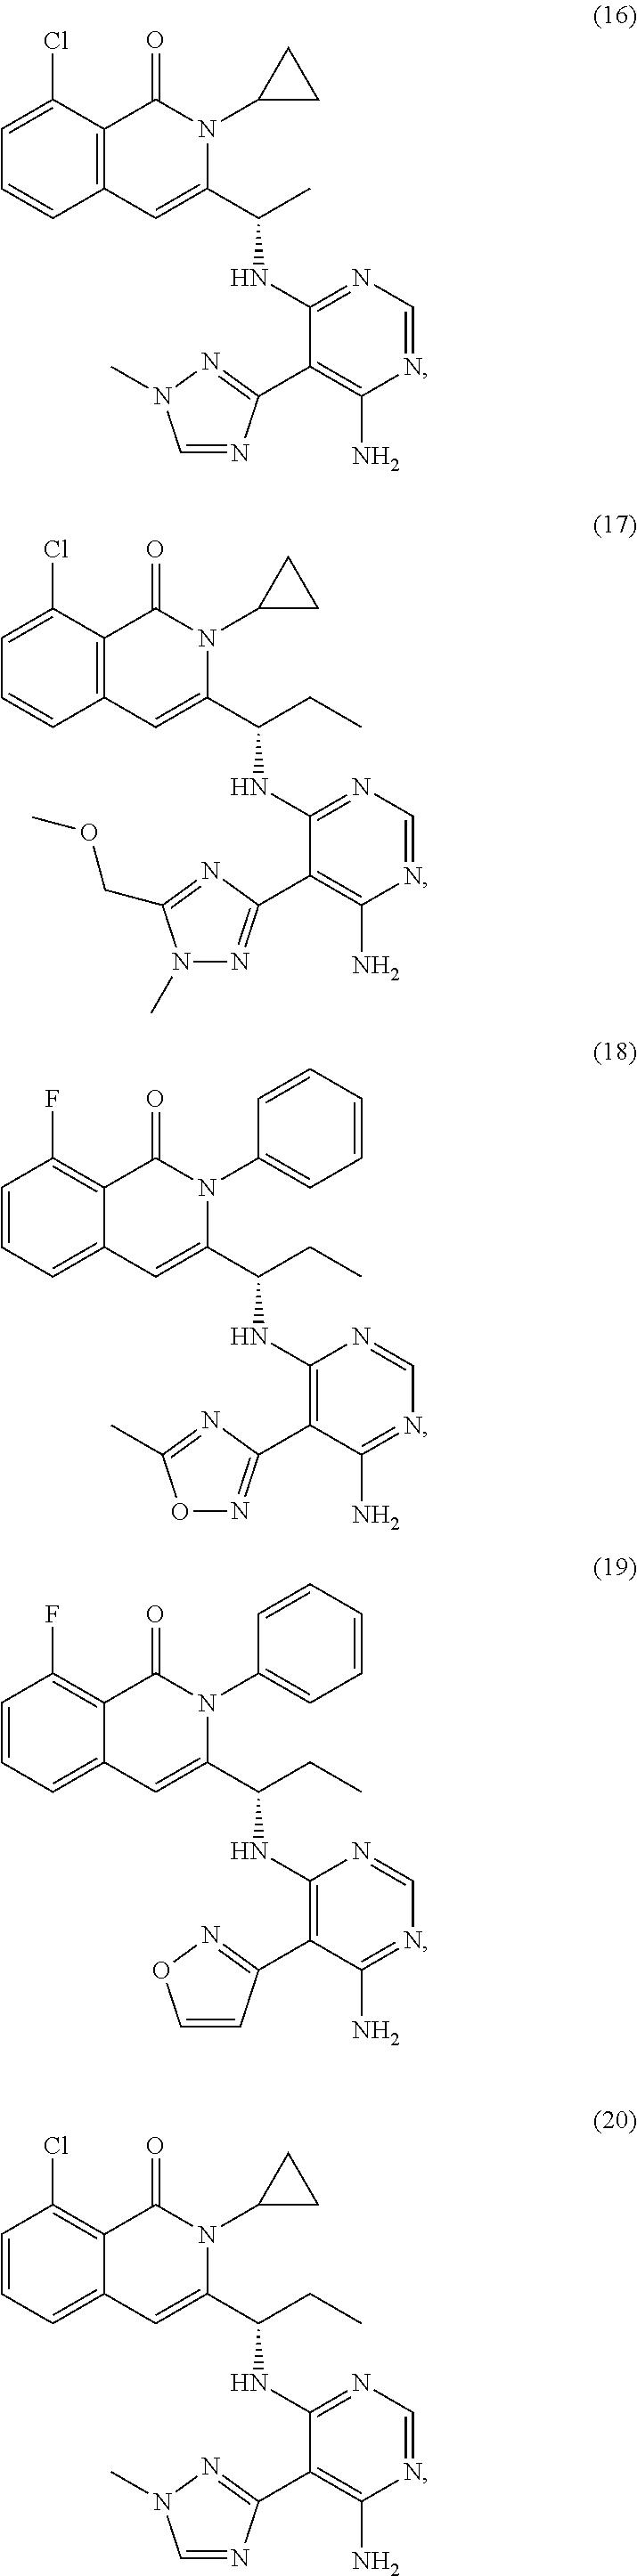 Figure US09657007-20170523-C00097